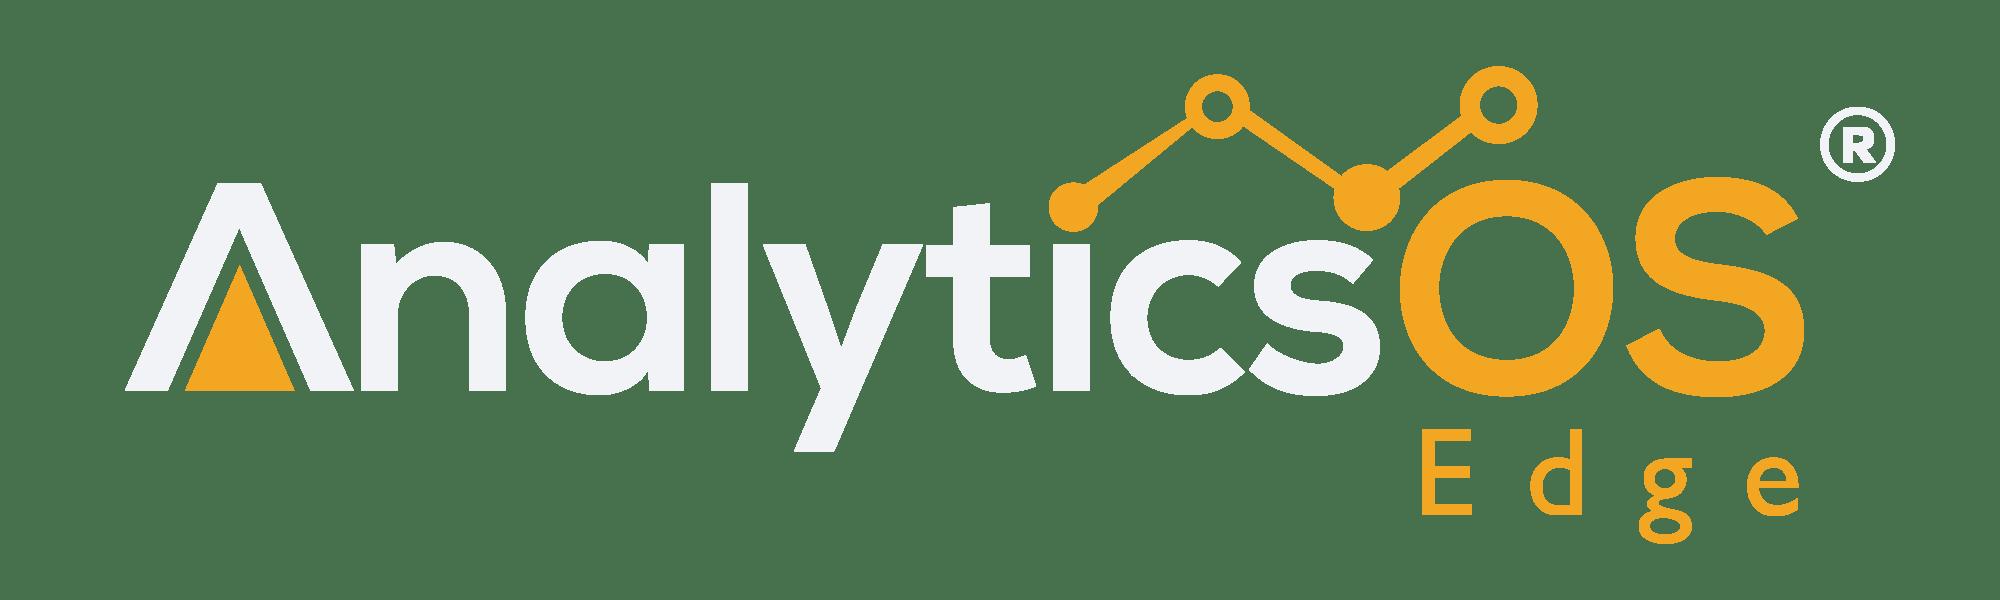 AnalyticsOS Edge